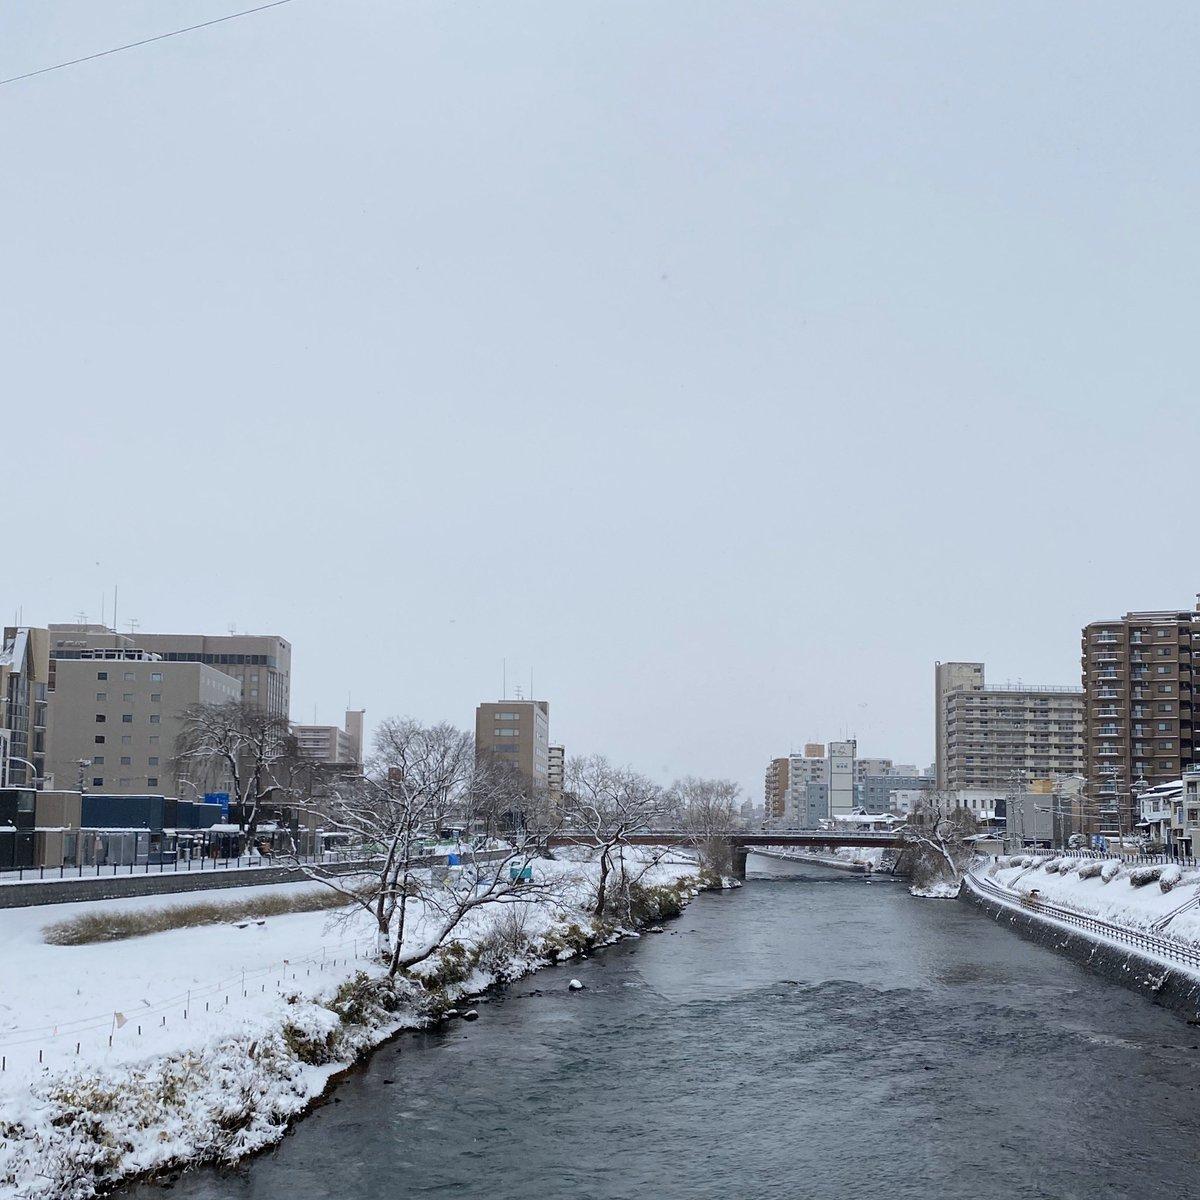 2020/02/05 盛岡市の開運橋から撮影。雪が積もりました。みなさま、体調管理に気をつけてお過ごしください。 #岩手 #盛岡 #北上川 #岩手においでよ #笑顔の日 #ふたごの日